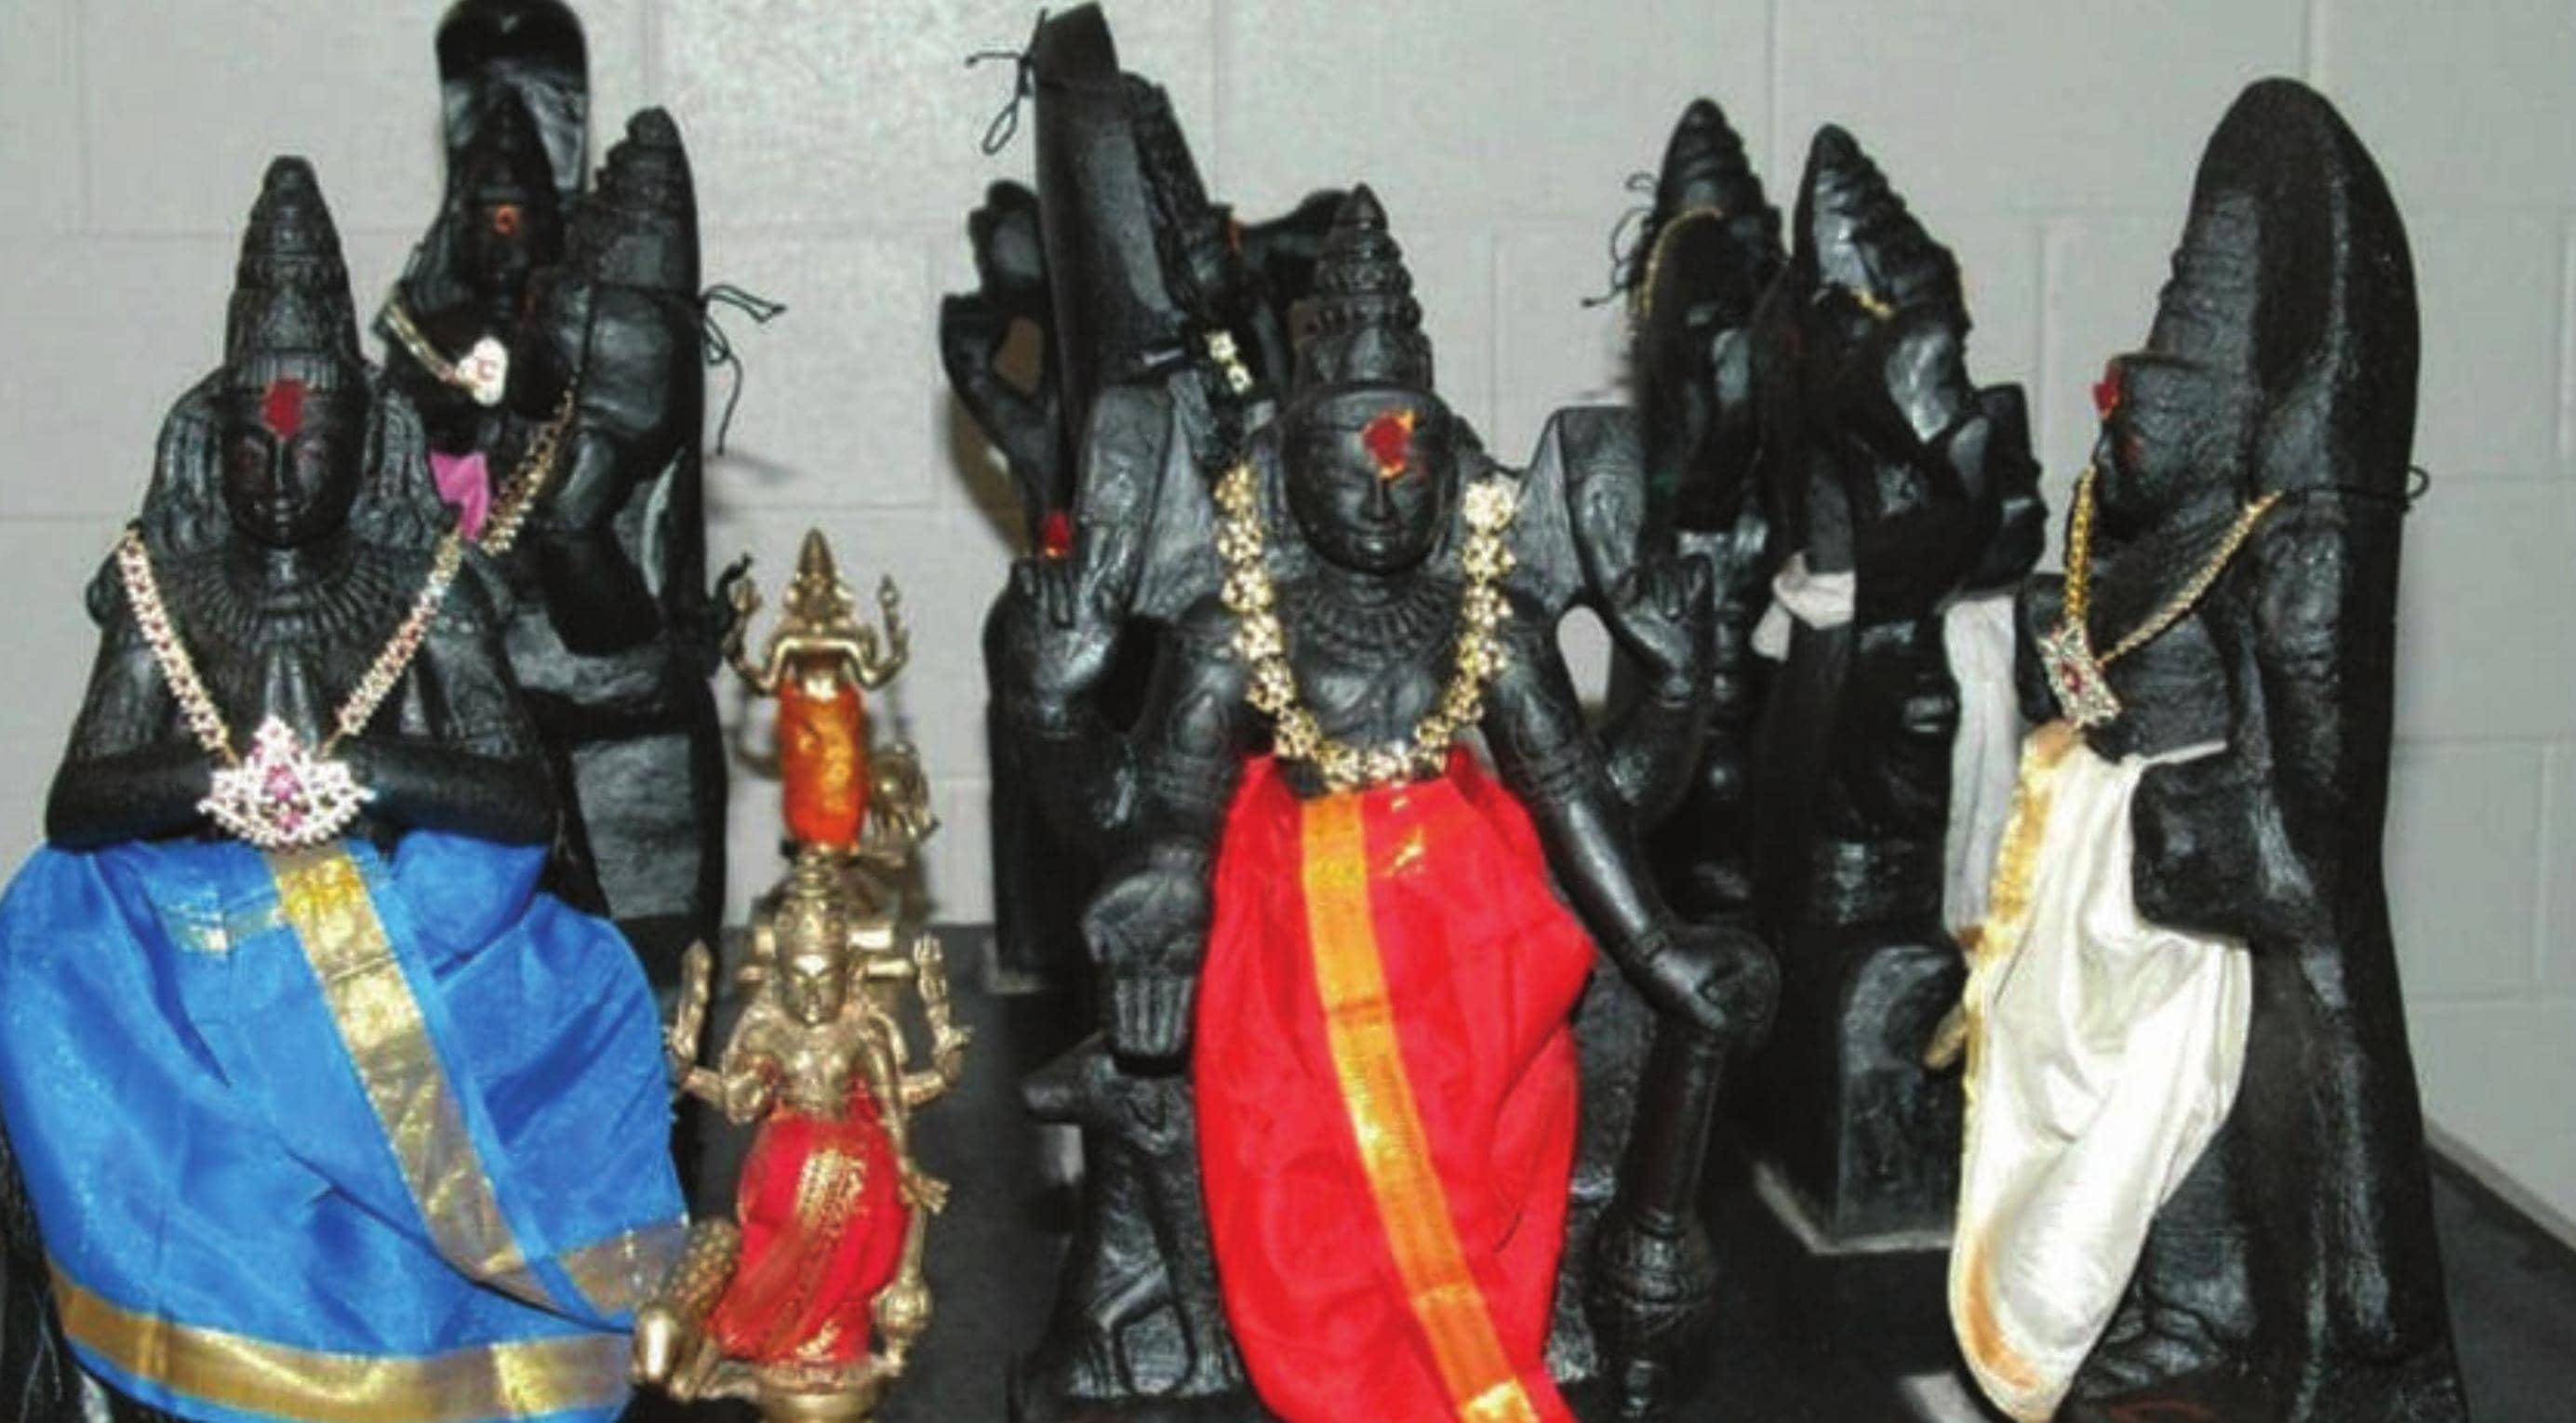 தலைமுறை தோஷம் தீர்த்து தாம்பத்திய சுகம் தரும் நவகிரகப் பரிகாரங்கள்!